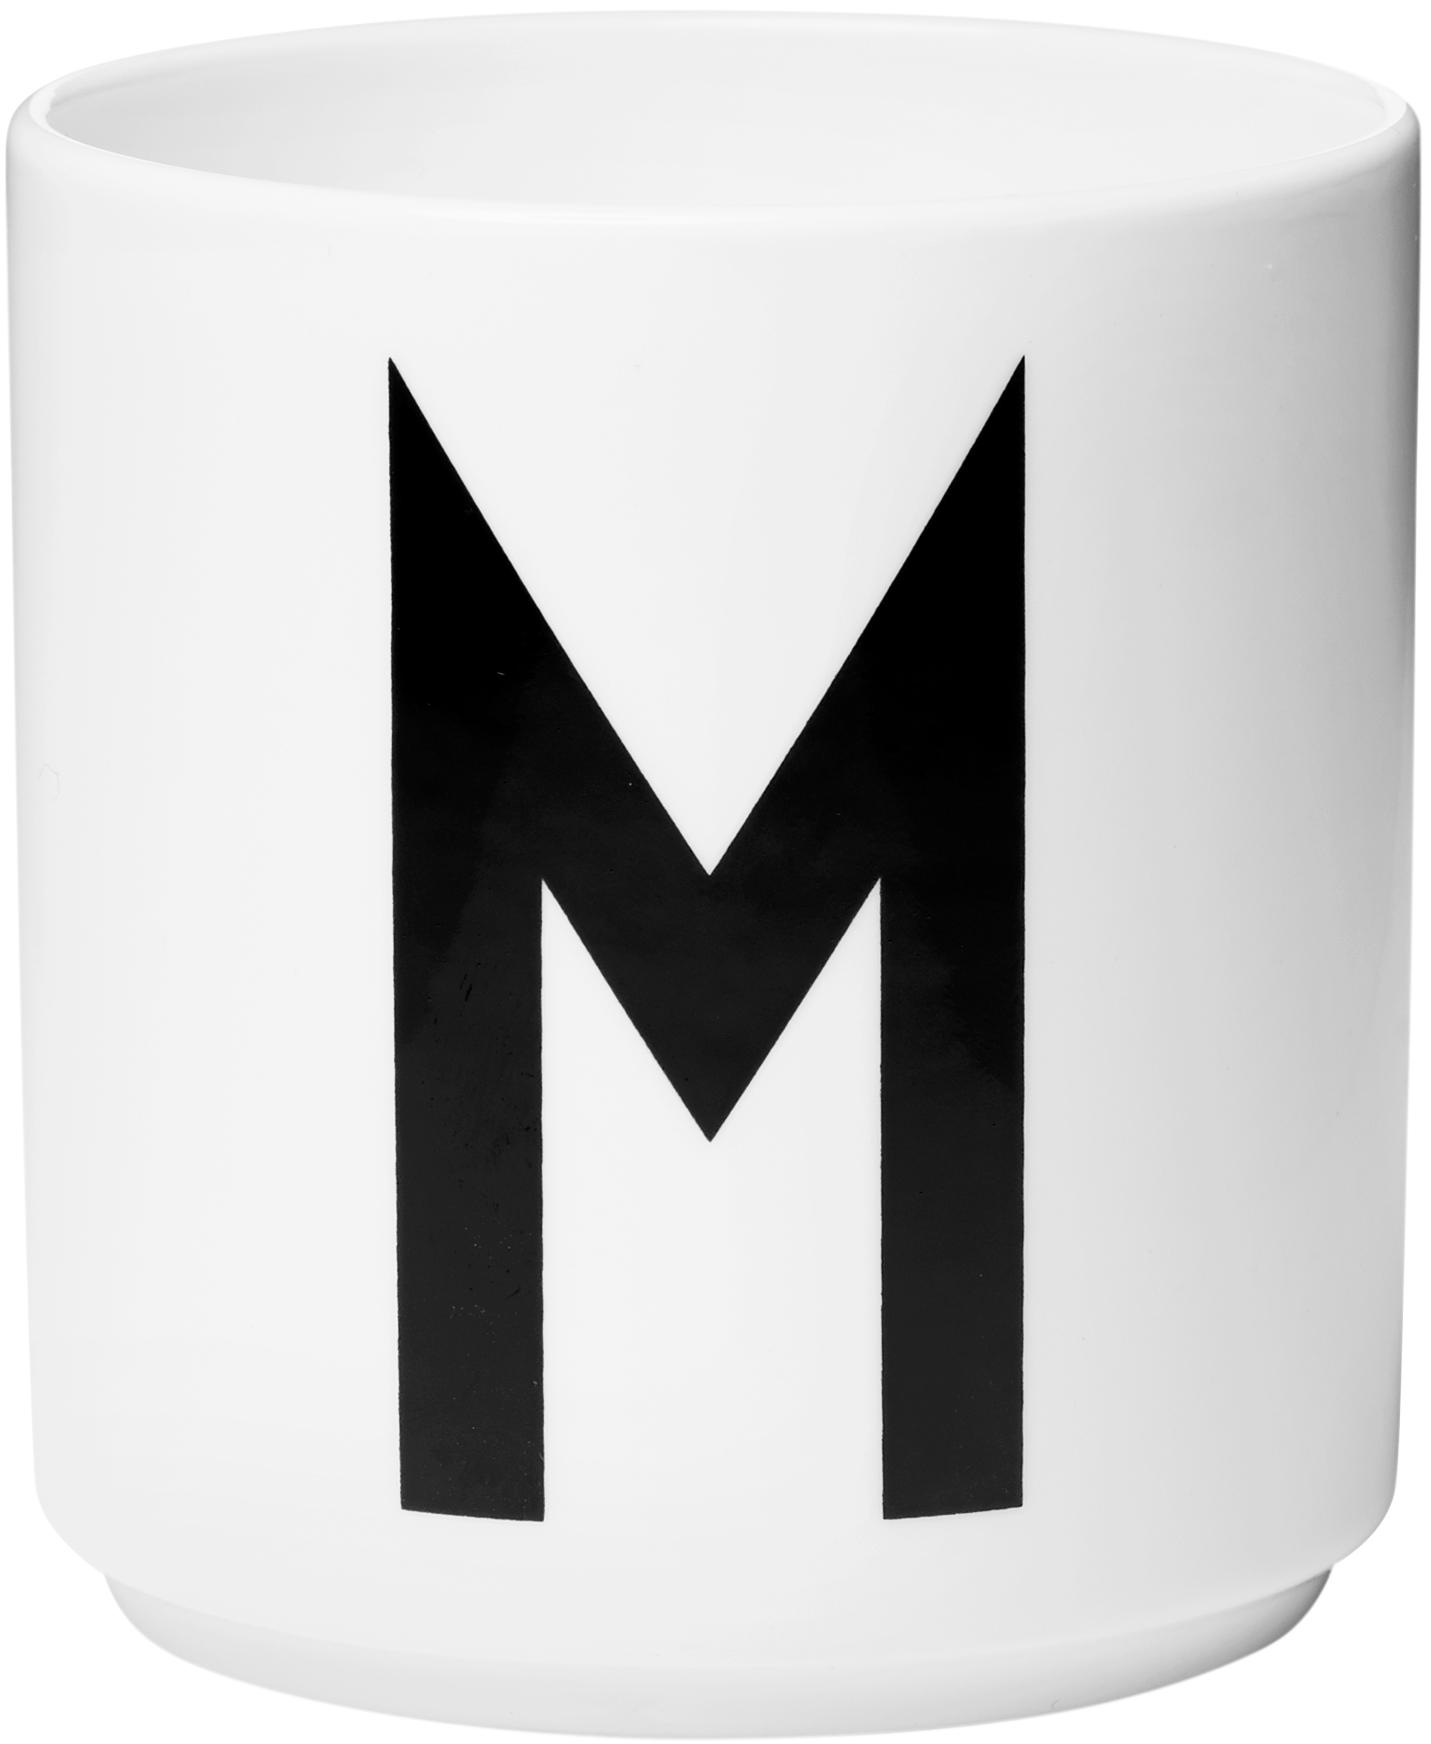 Design Becher Personal mit Buchstaben (Varianten von A bis Z), Fine Bone China (Porzellan), Weiß, Schwarz, Becher M